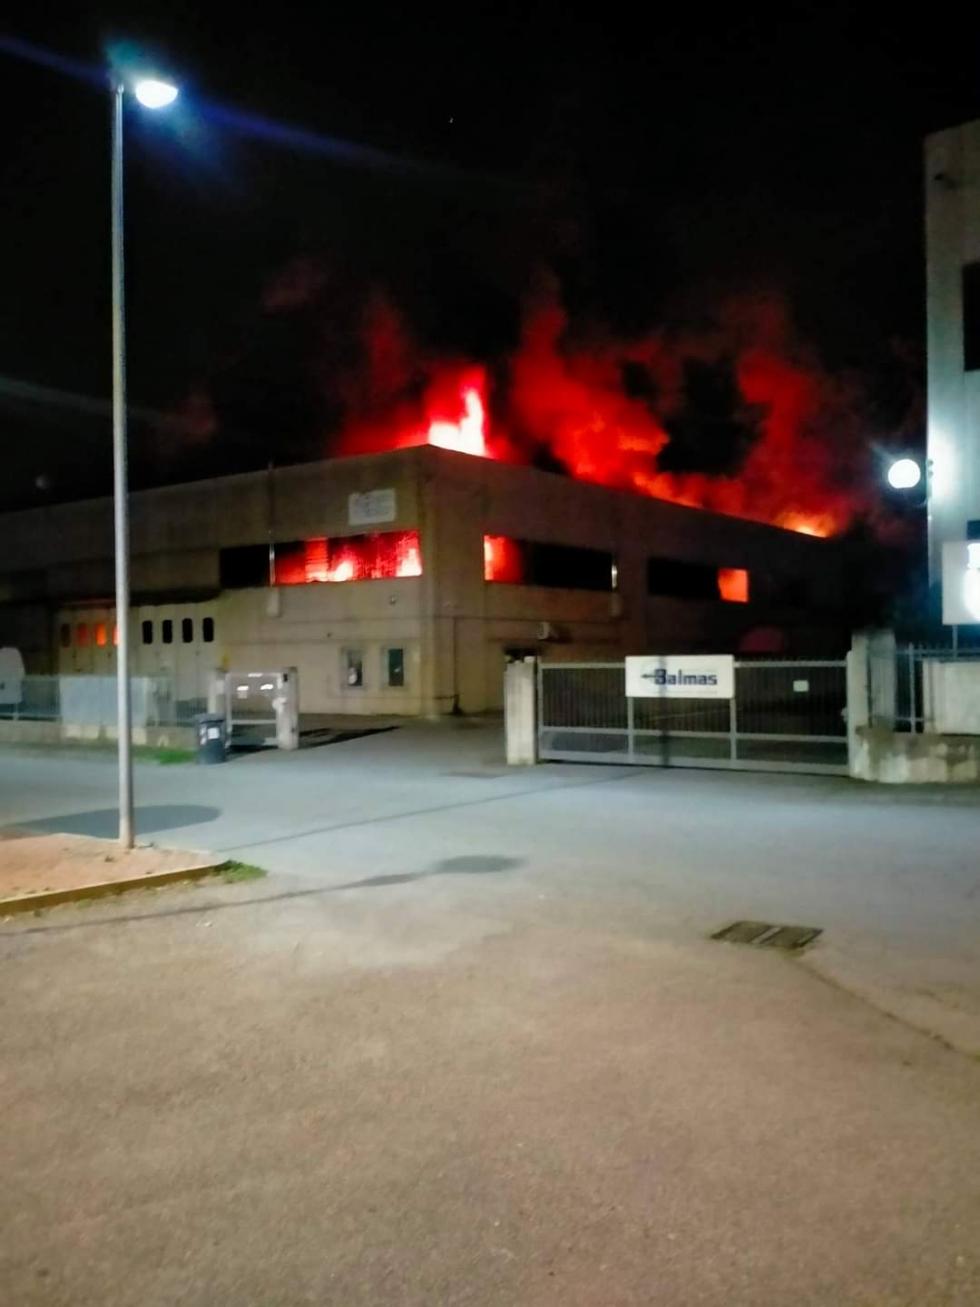 DRUENTO - Rogo in via Meucci: a fuoco due aziende. Tre auto arse dalle fiamme